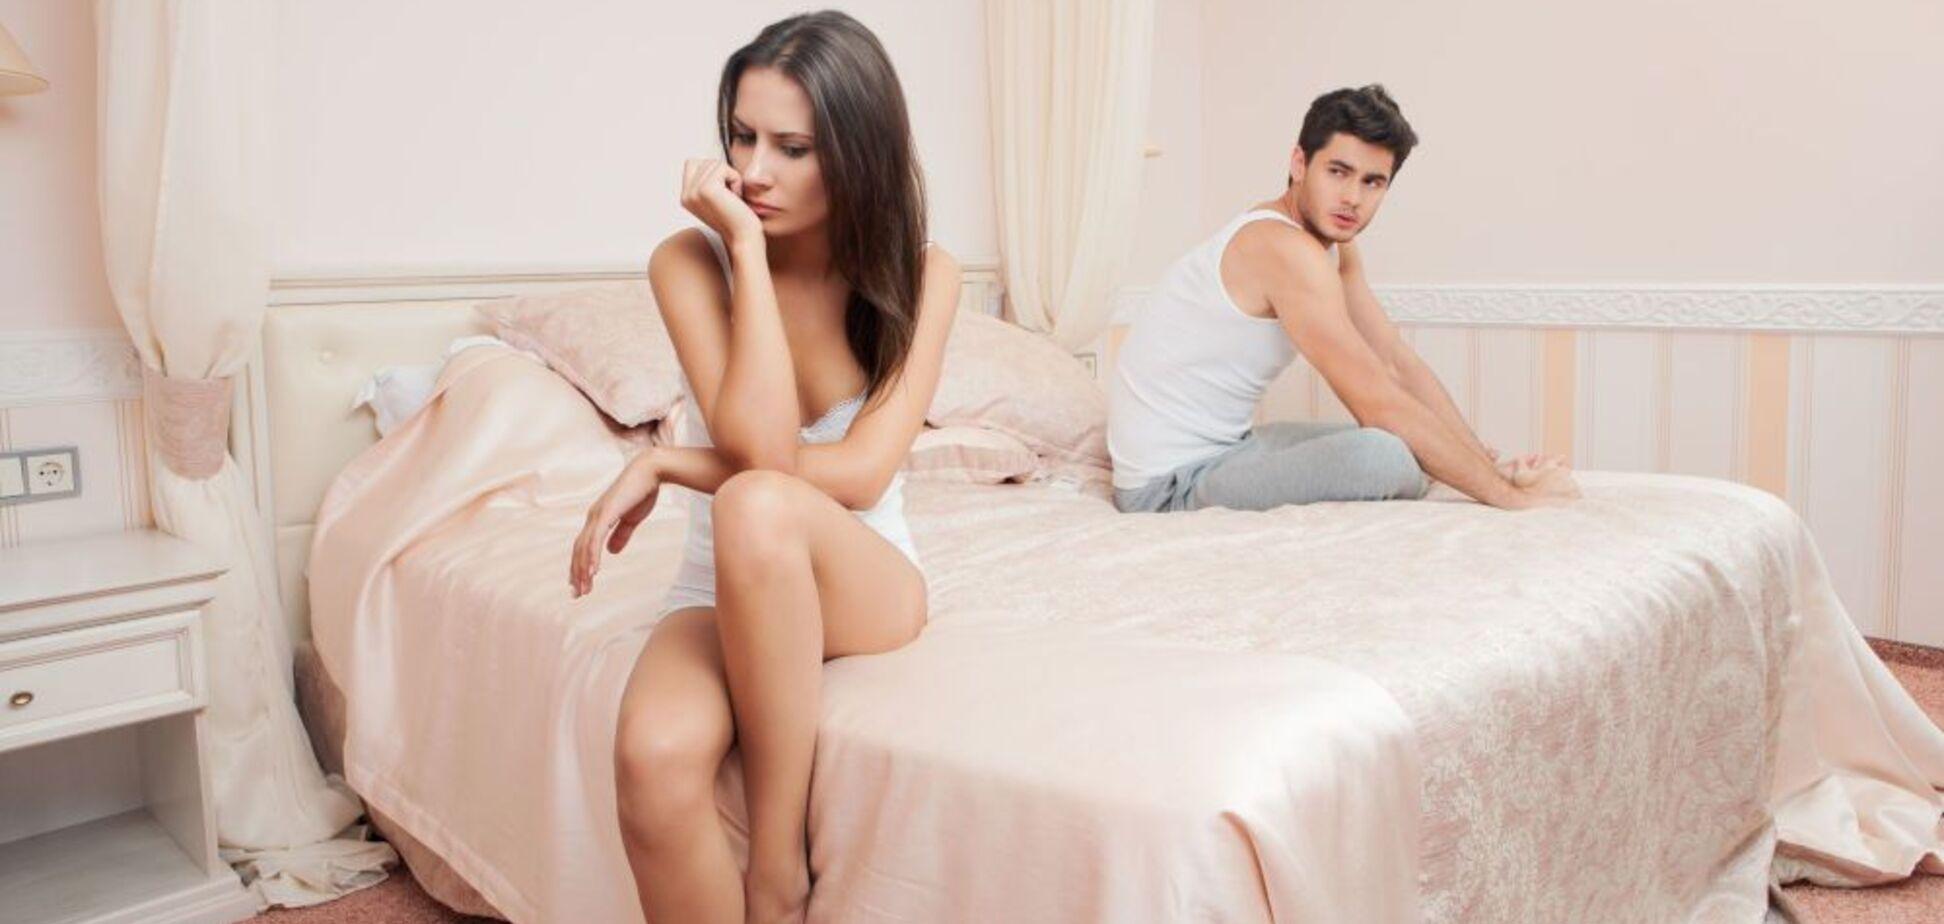 'Чоловікам усе одно!' Розкрито фактори, які впливають на сексуальне задоволення